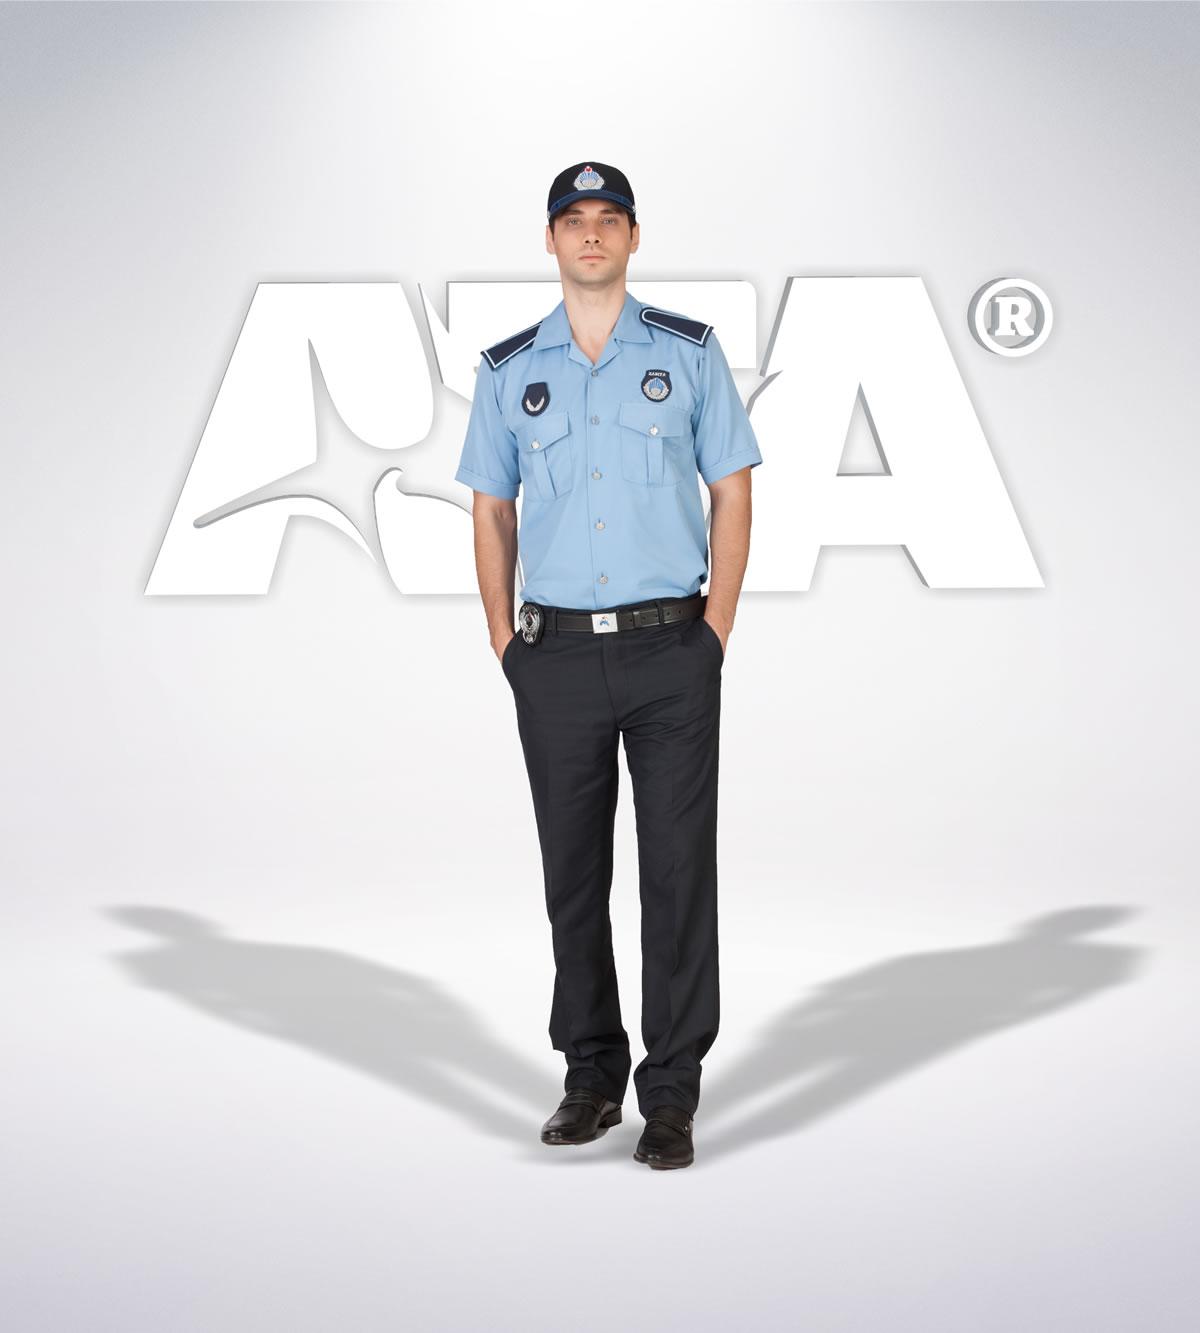 ATA 203 - Pantolon yazlık - gömlek yazlık kışlık - aksesuar - zabıta elbiseleri | zabıta üniformaları | zabıta kıyafetleri